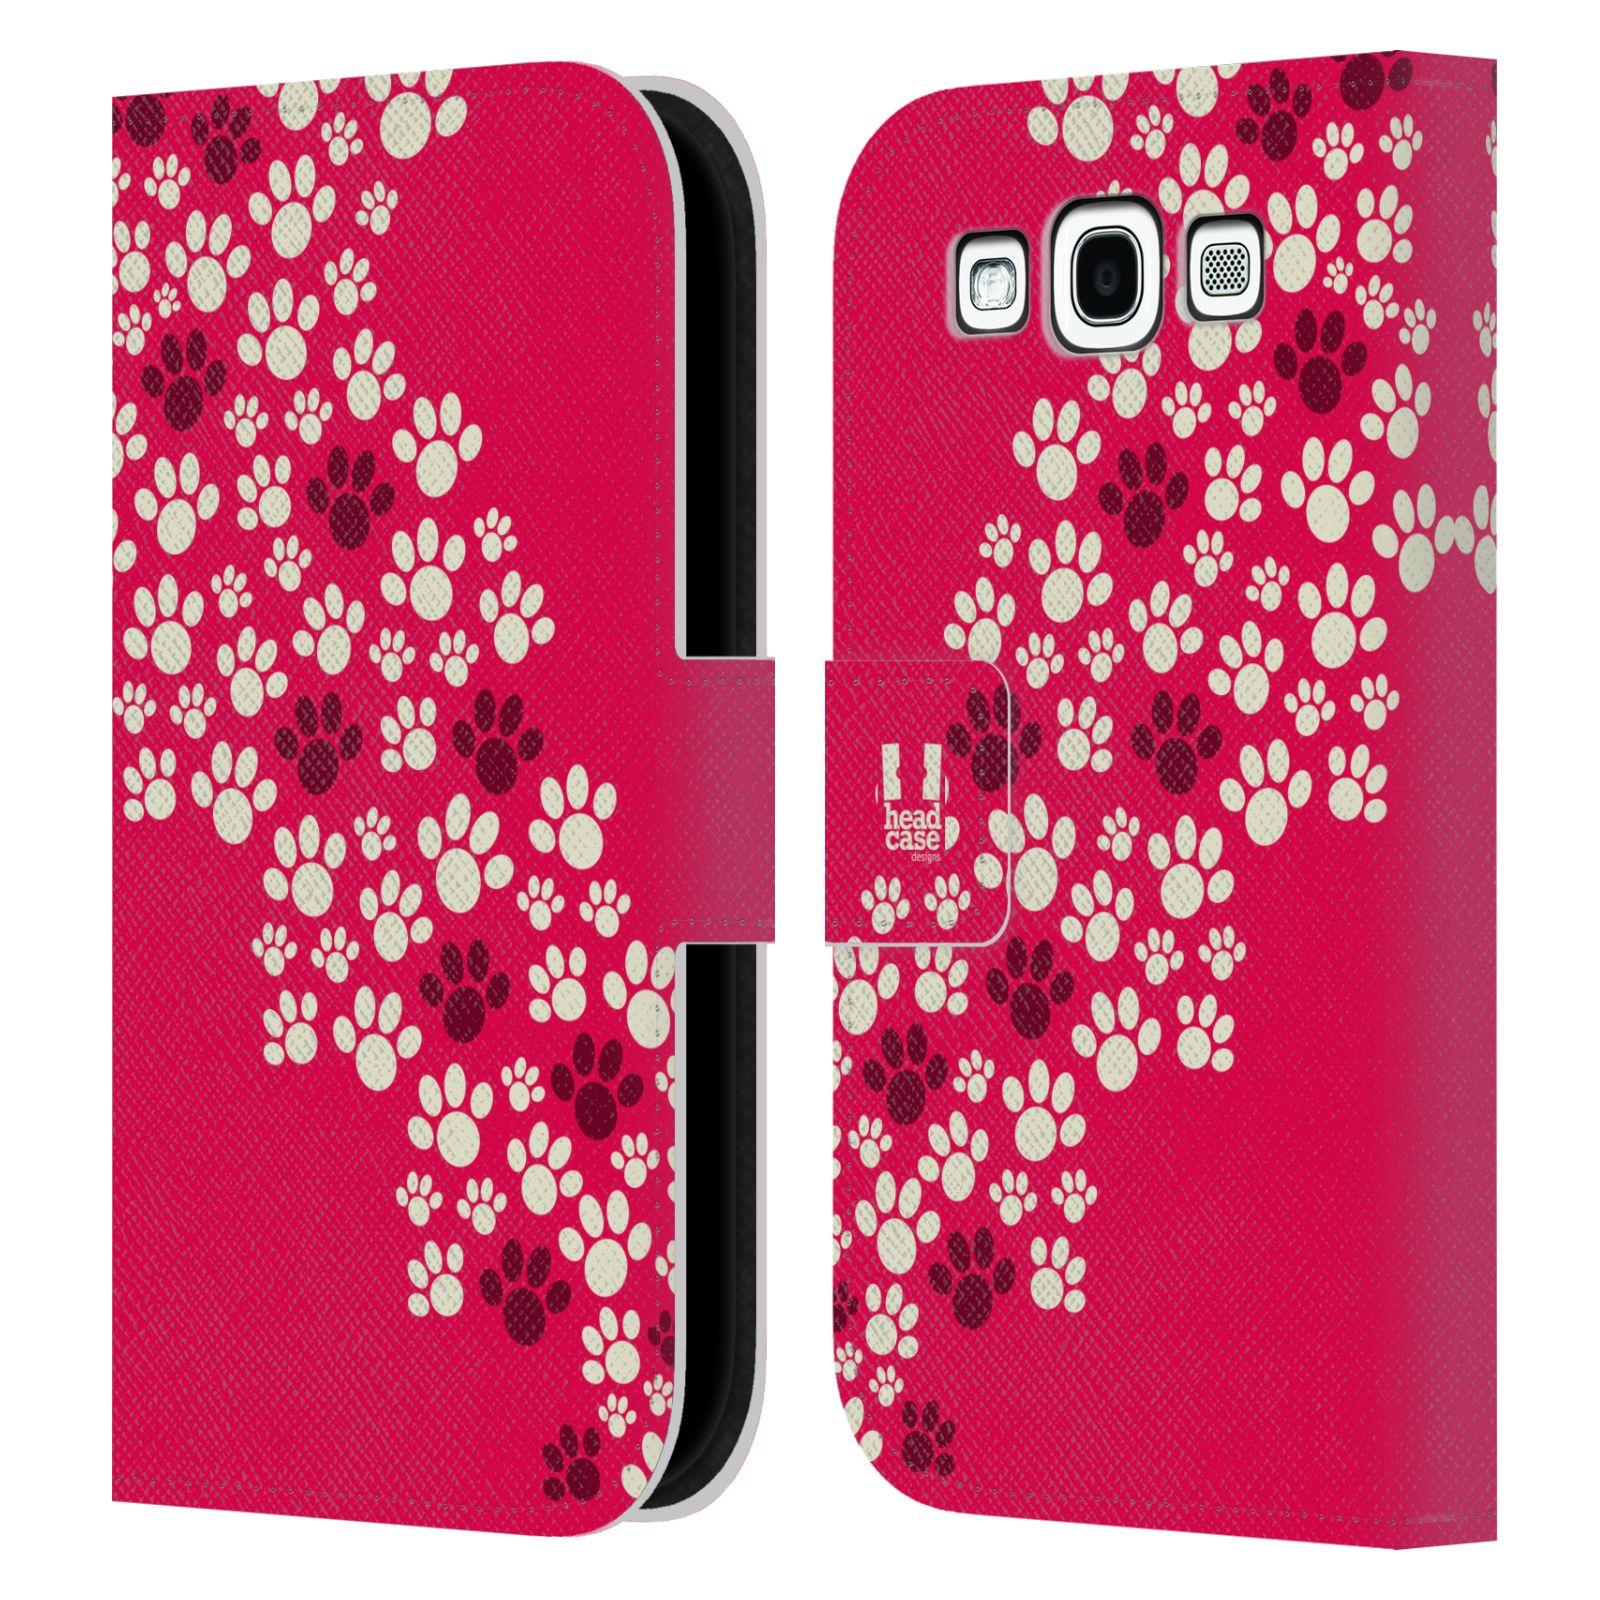 HEAD CASE Flipové pouzdro pro mobil Samsung Galaxy S3 Pejsek ťapky růžová barva